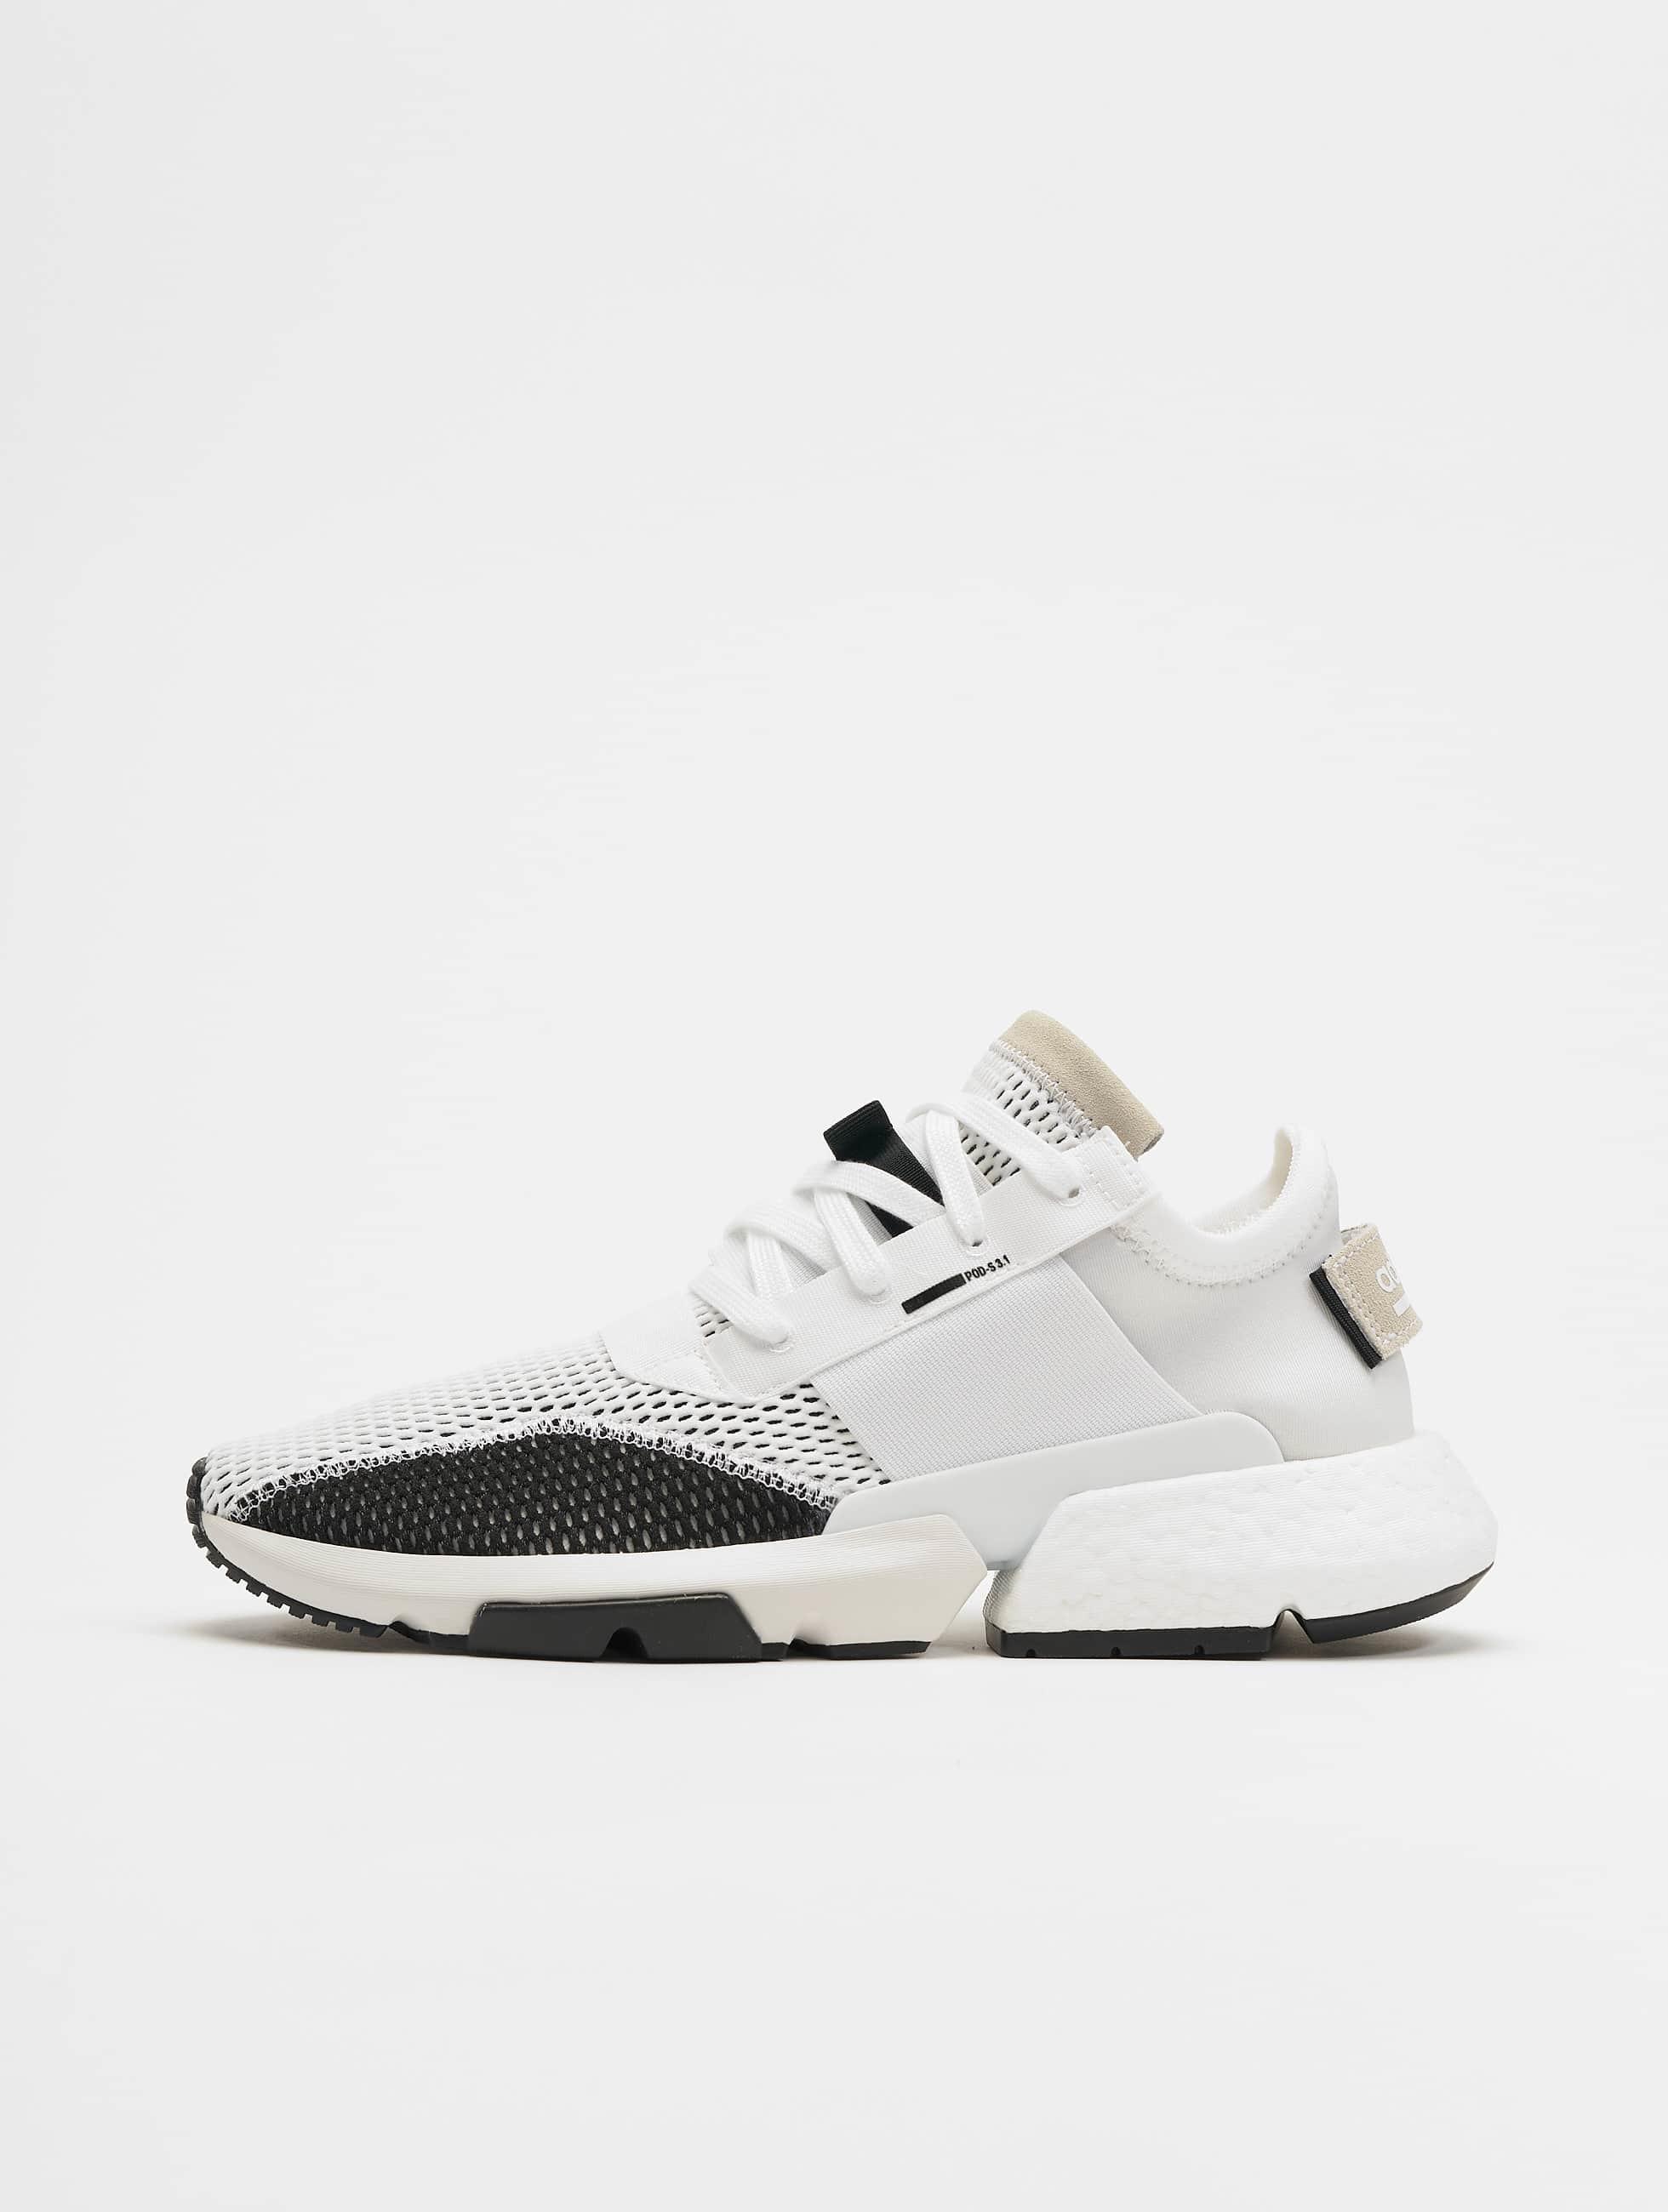 5253199eaf1 adidas originals schoen / sneaker Pod-S3.1 in wit 600908